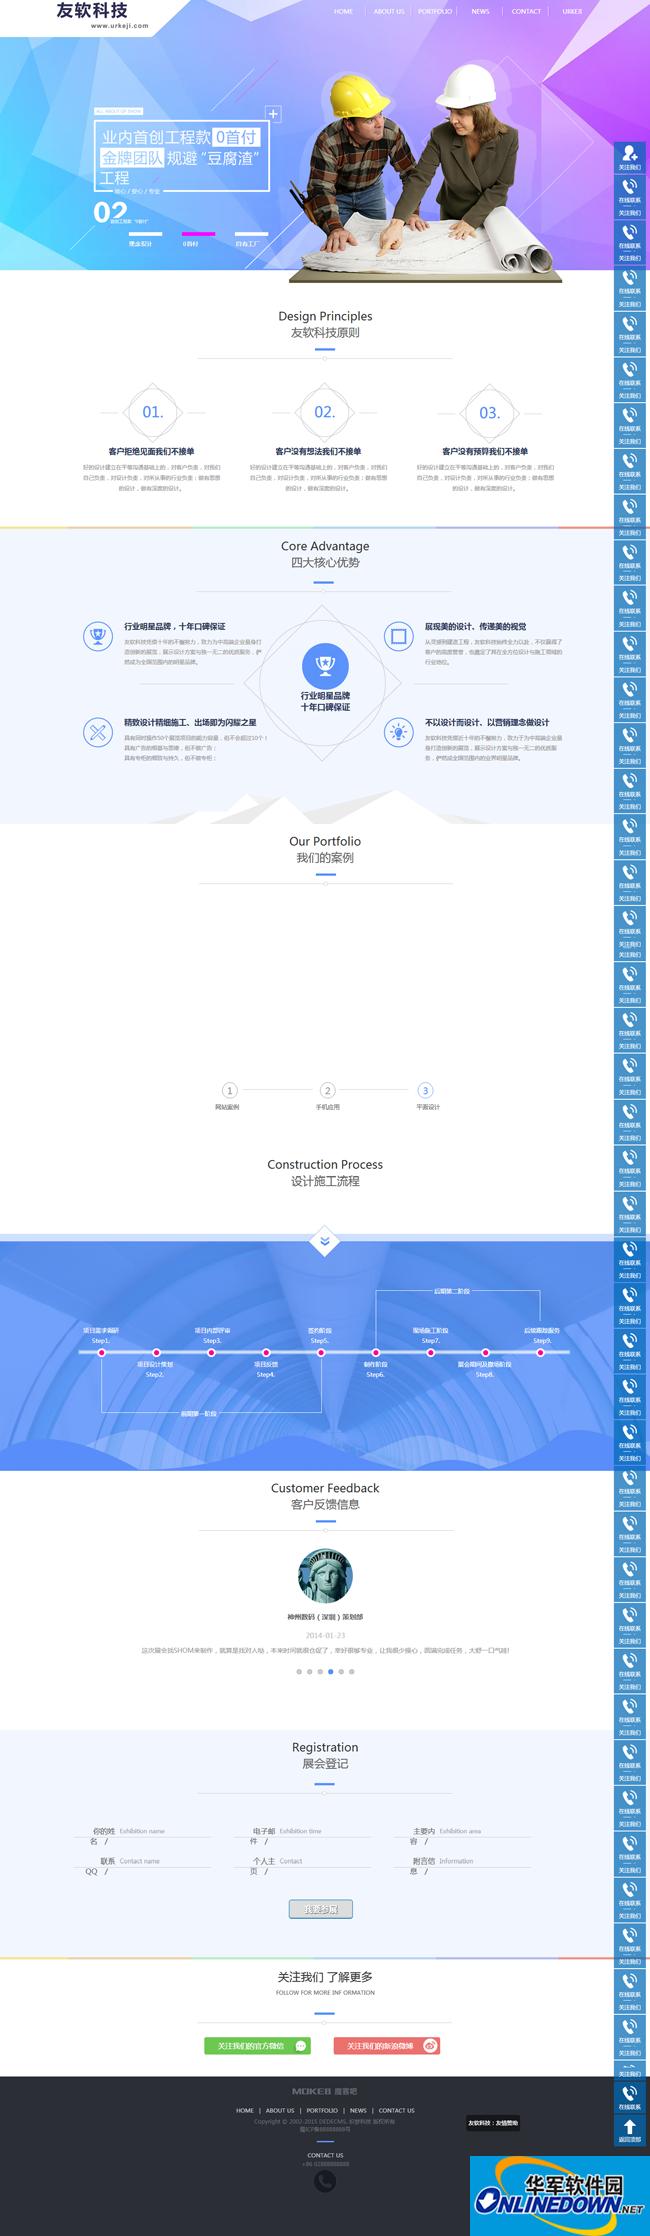 织梦内核企业营销型网站通用版 7.5